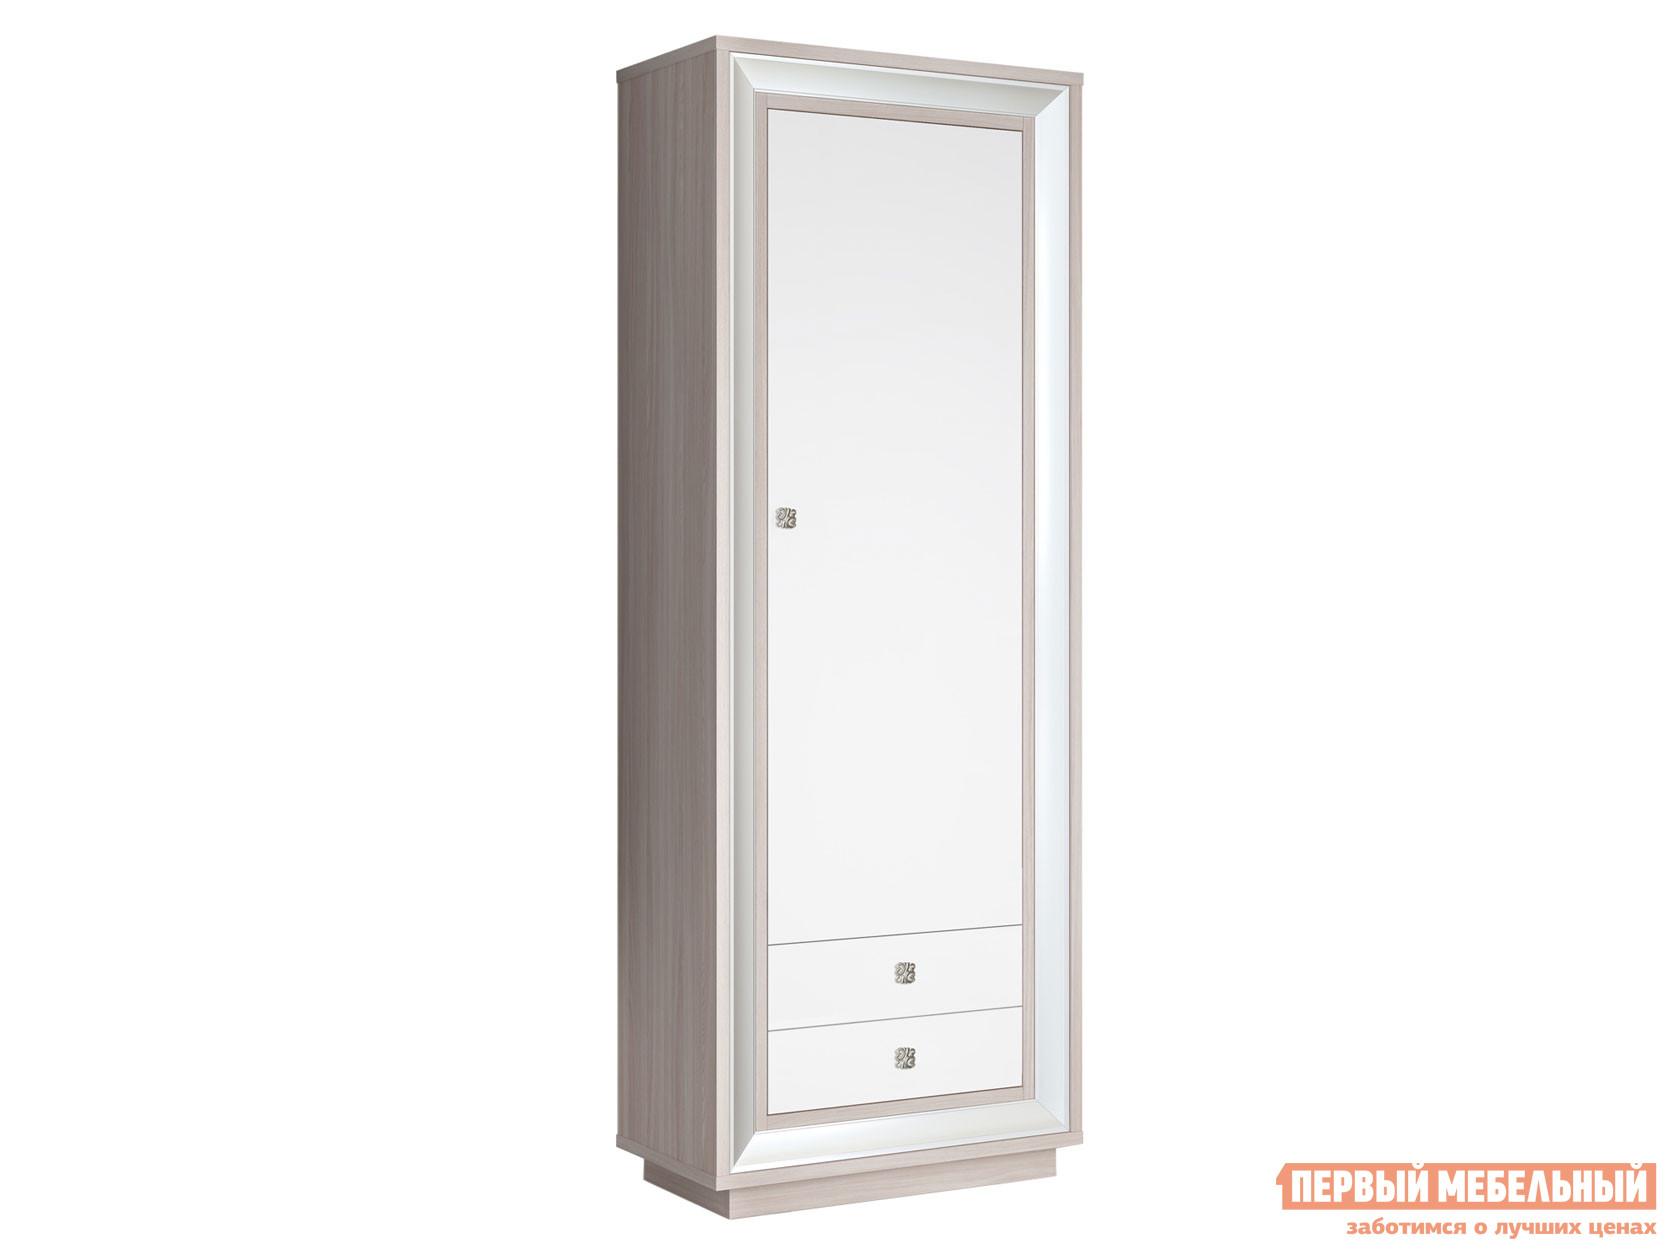 Шкаф распашной Первый Мебельный Шкаф для одежды Прато недорого